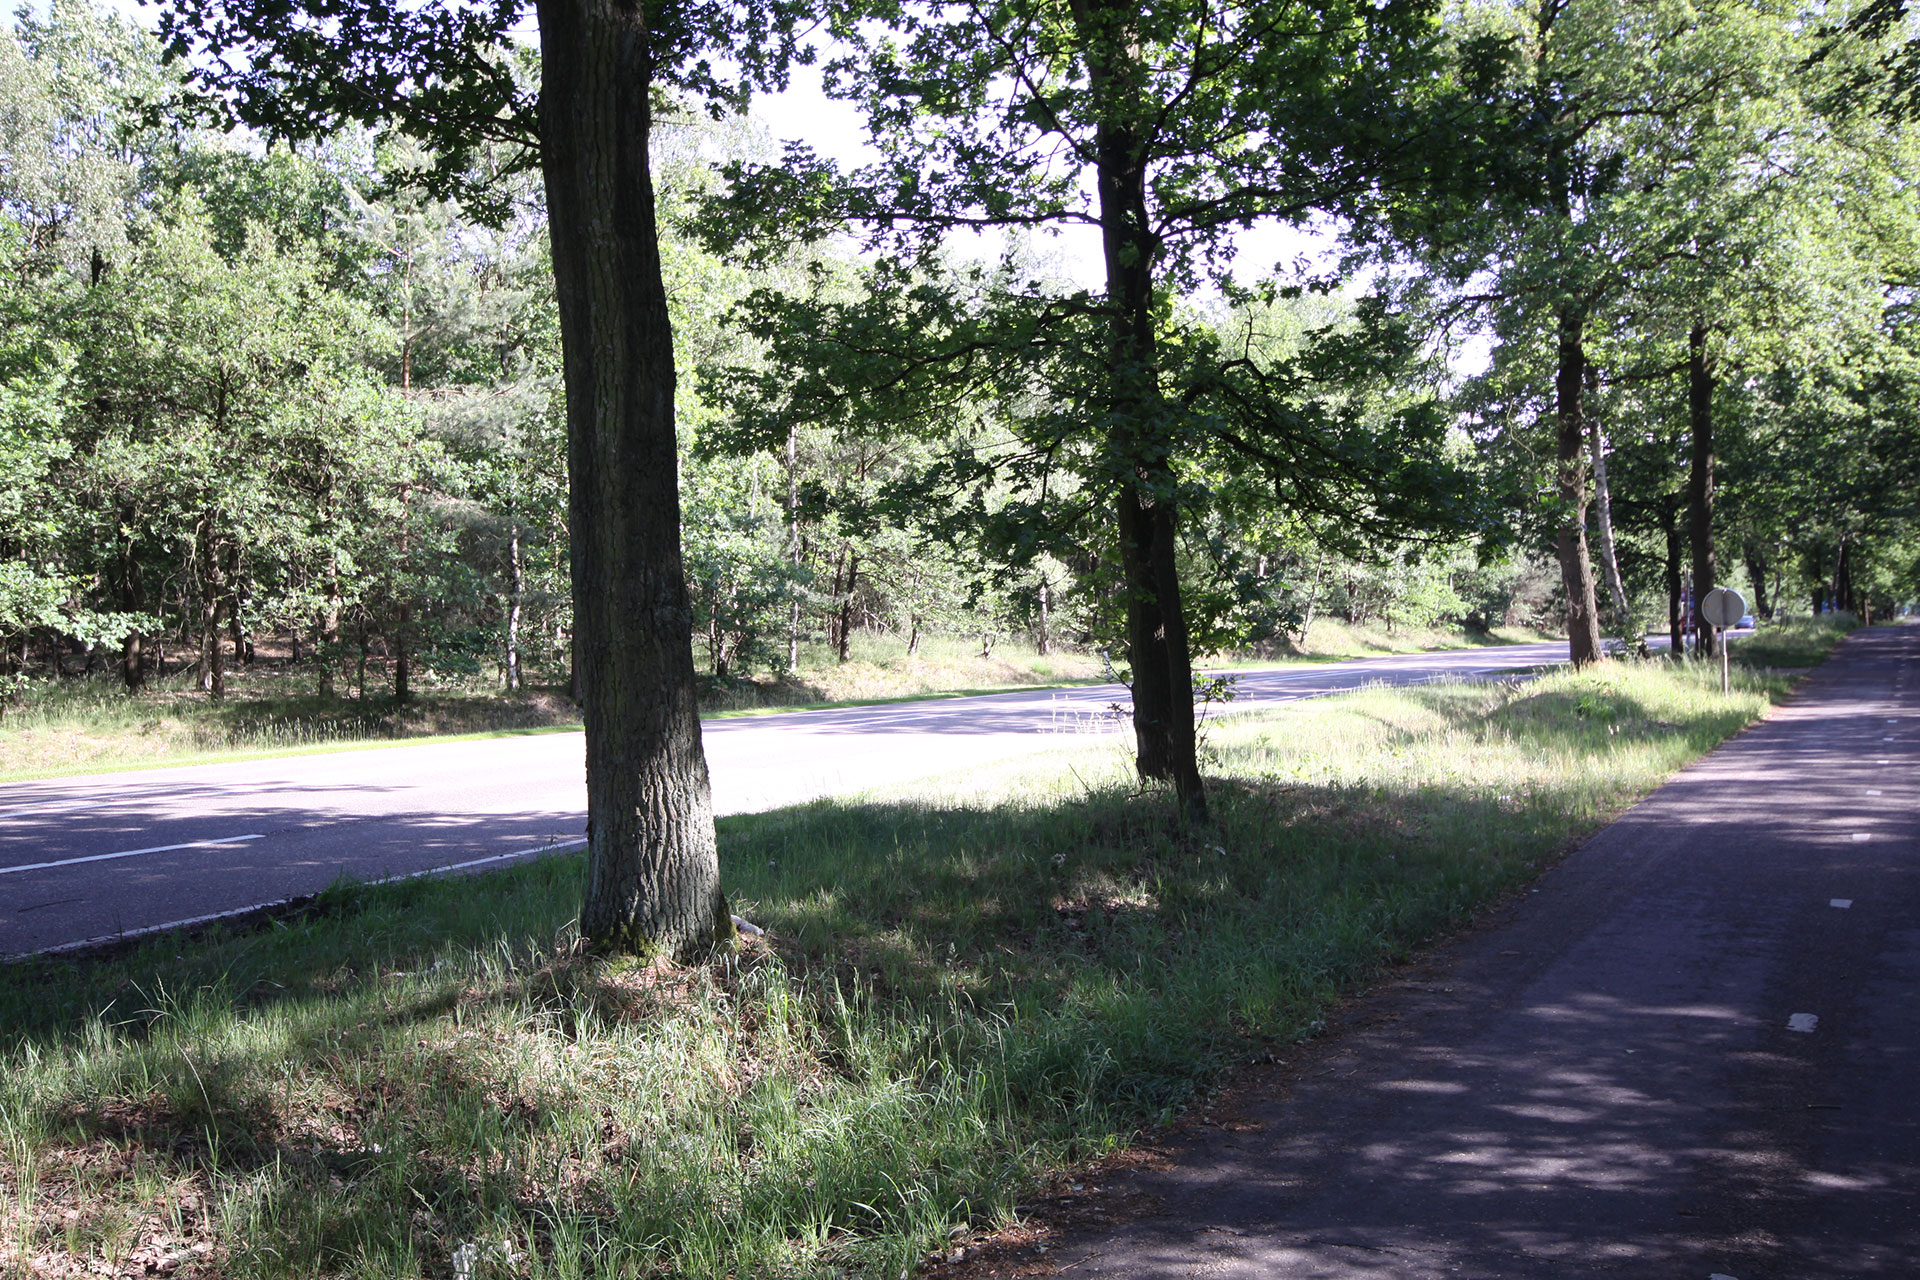 Valkensvaard road today